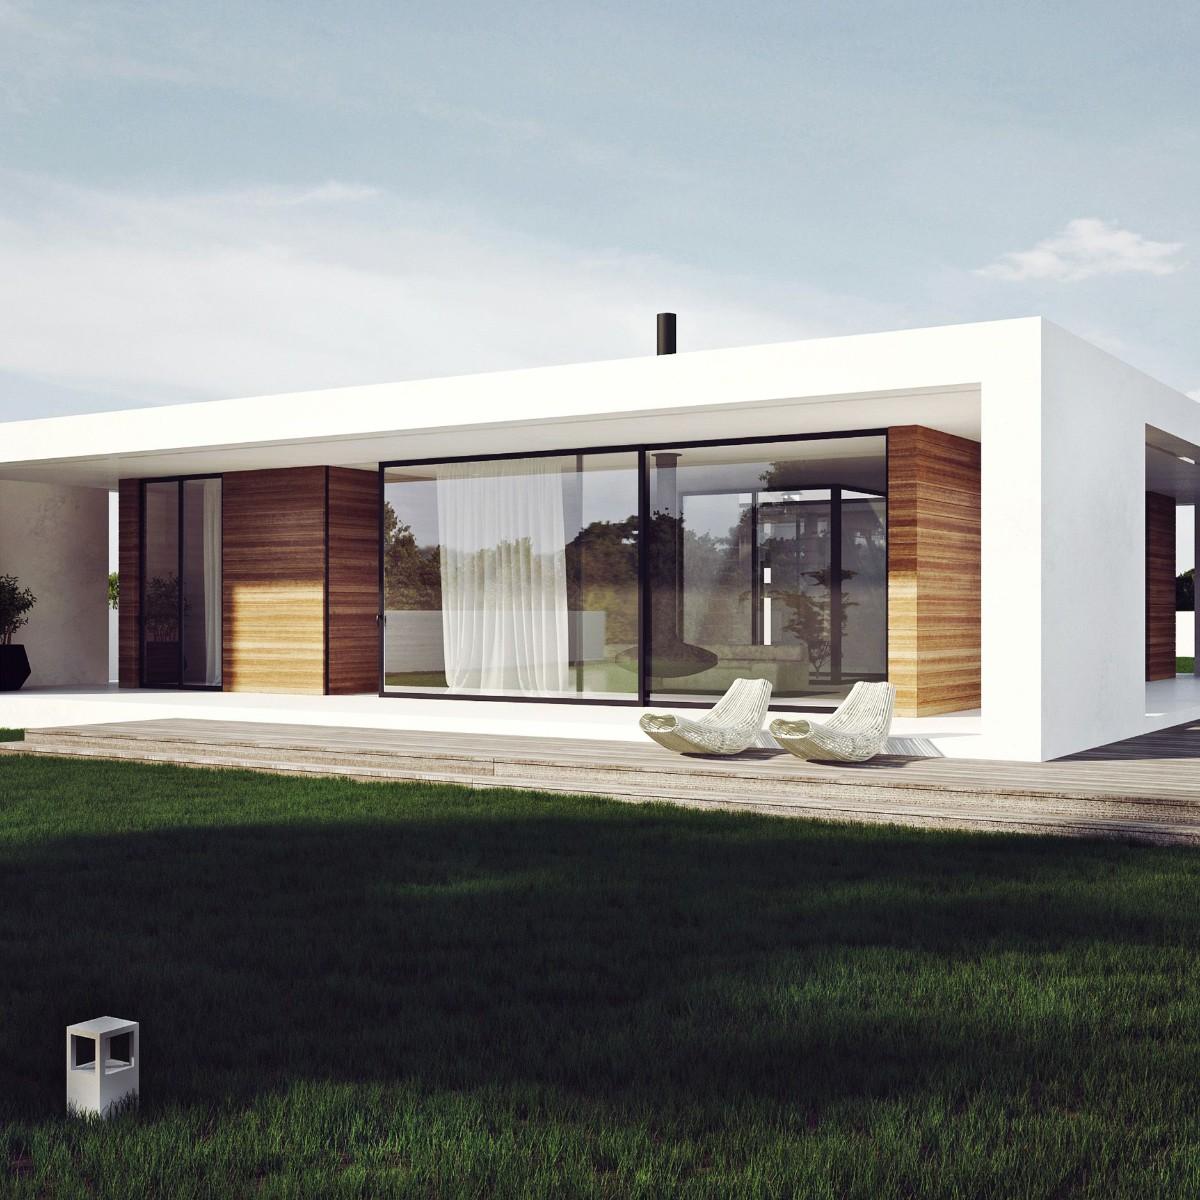 дом в скандинавском стиле фасад белого цвета